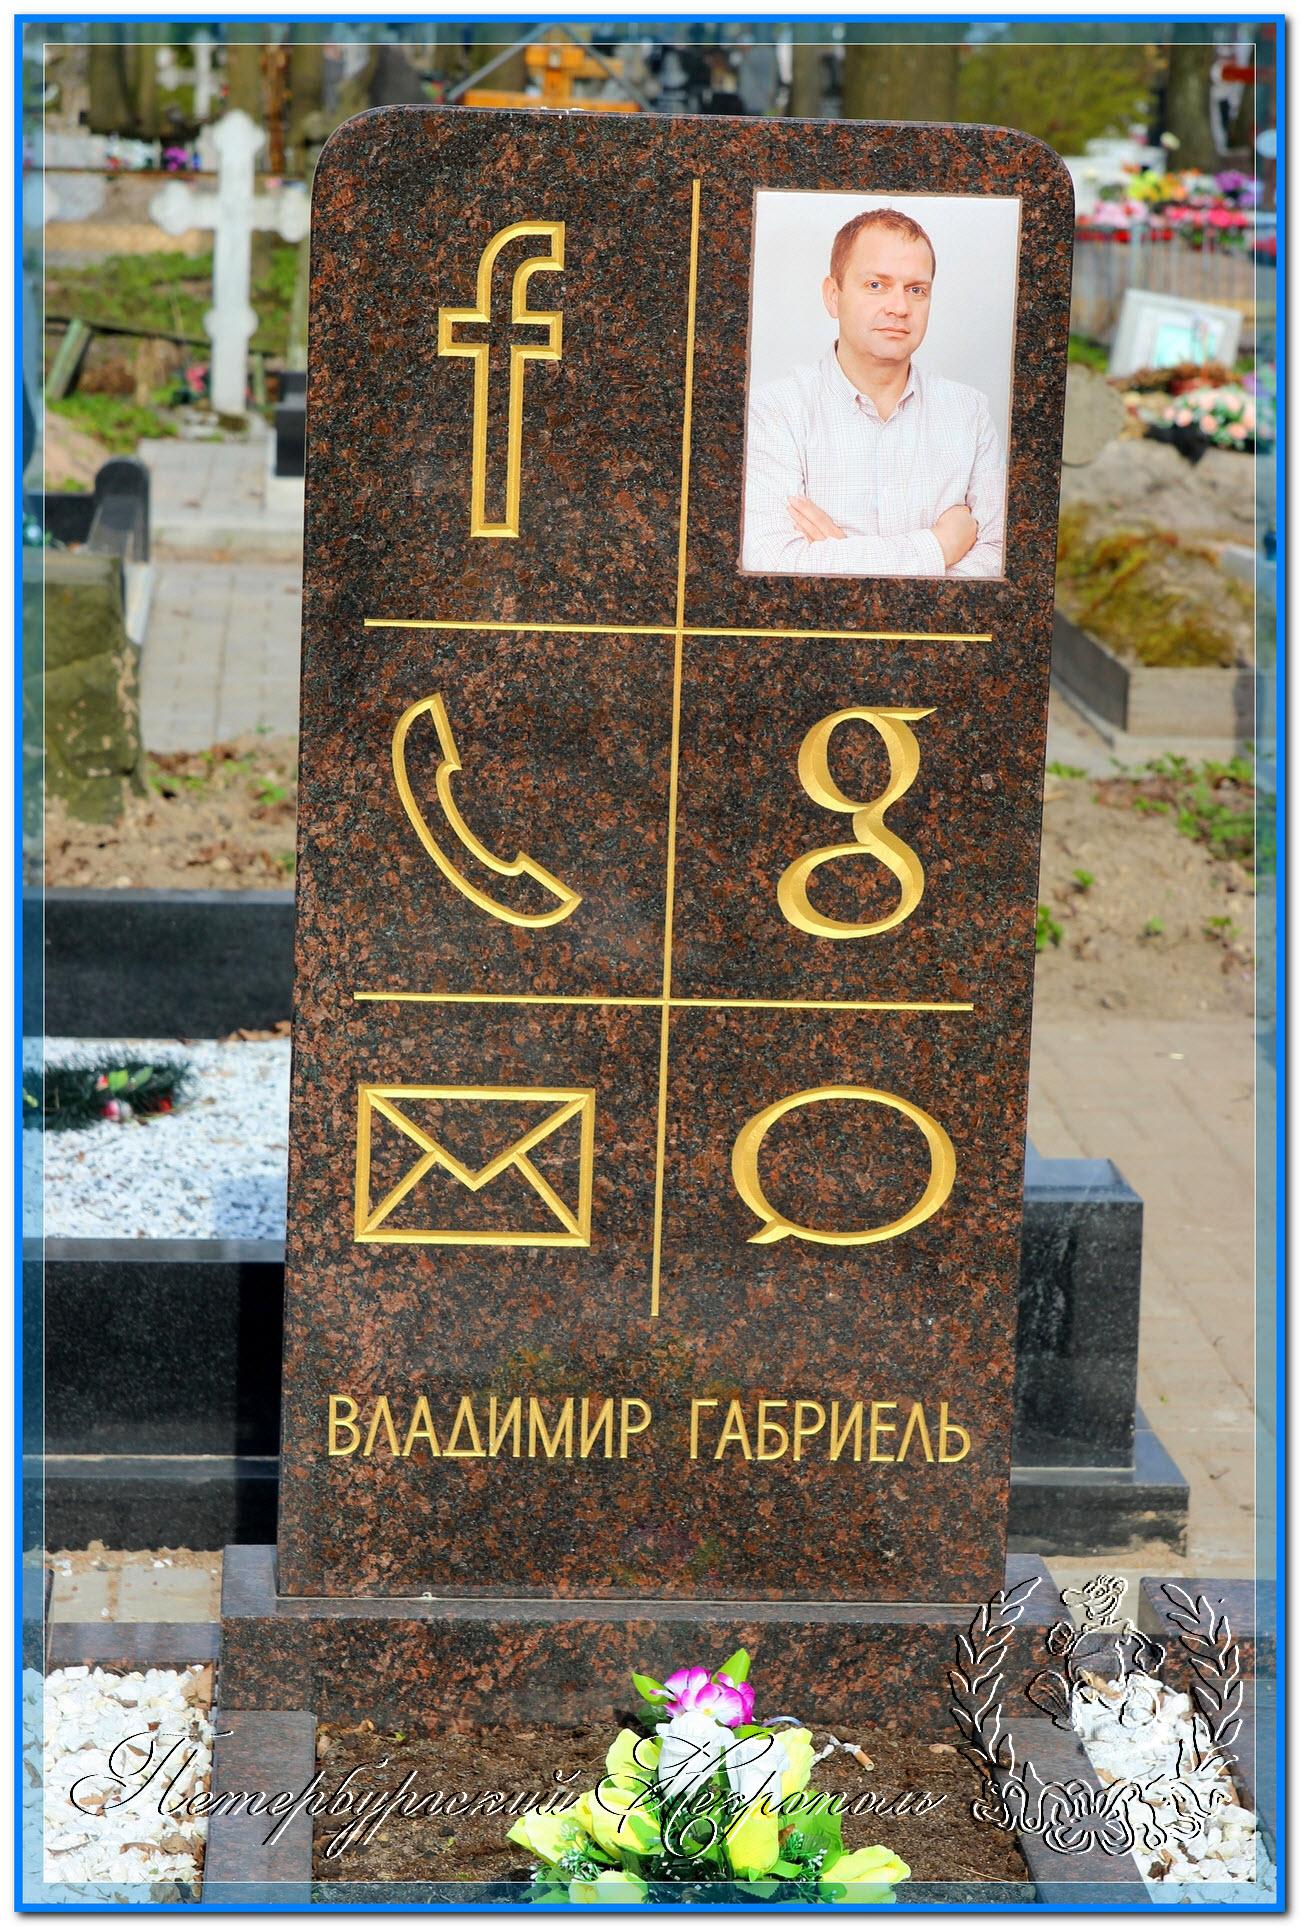 © Габриель Владимир Давыдович